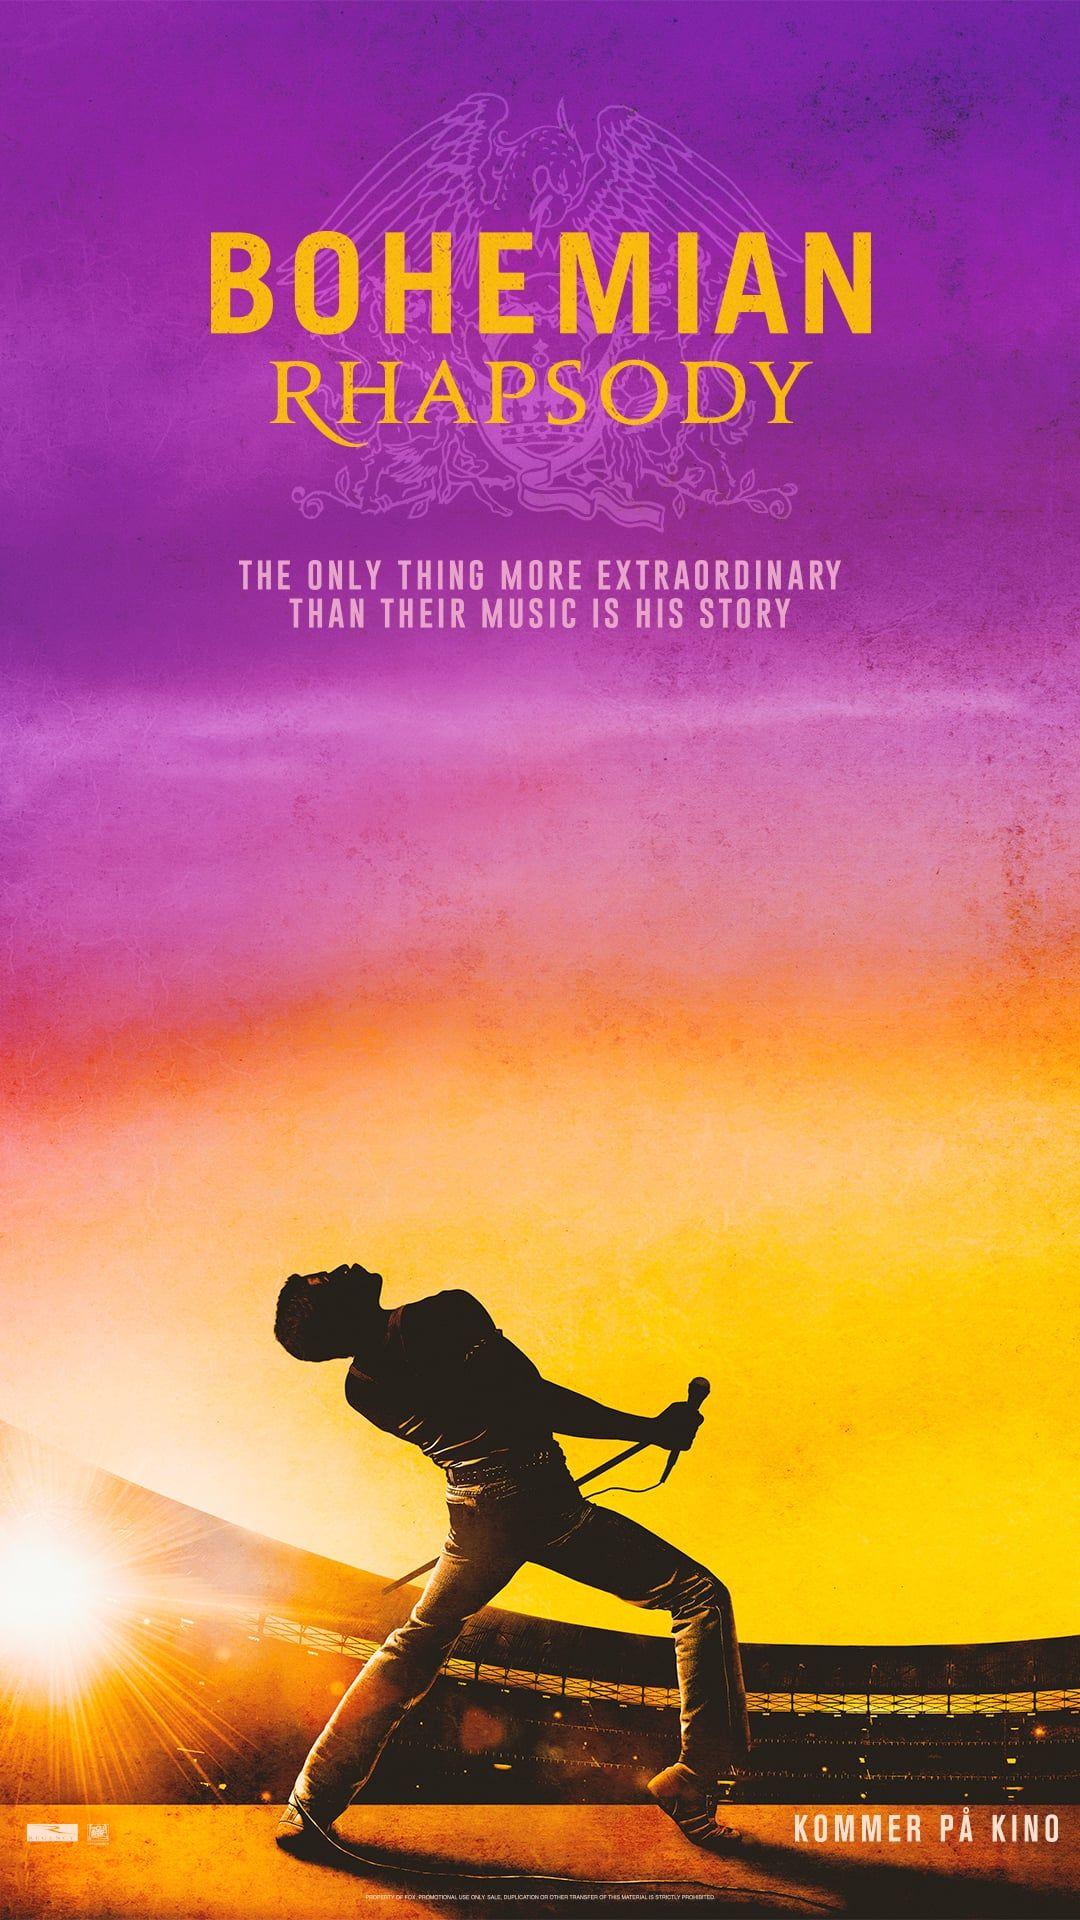 Descargar Bohemian Rhapsody 2018 Pelicula Online Completa Subtitulos Espanol Gratis En Line Bohemian Rhapsody Full Movies Online Free Free Movies Online